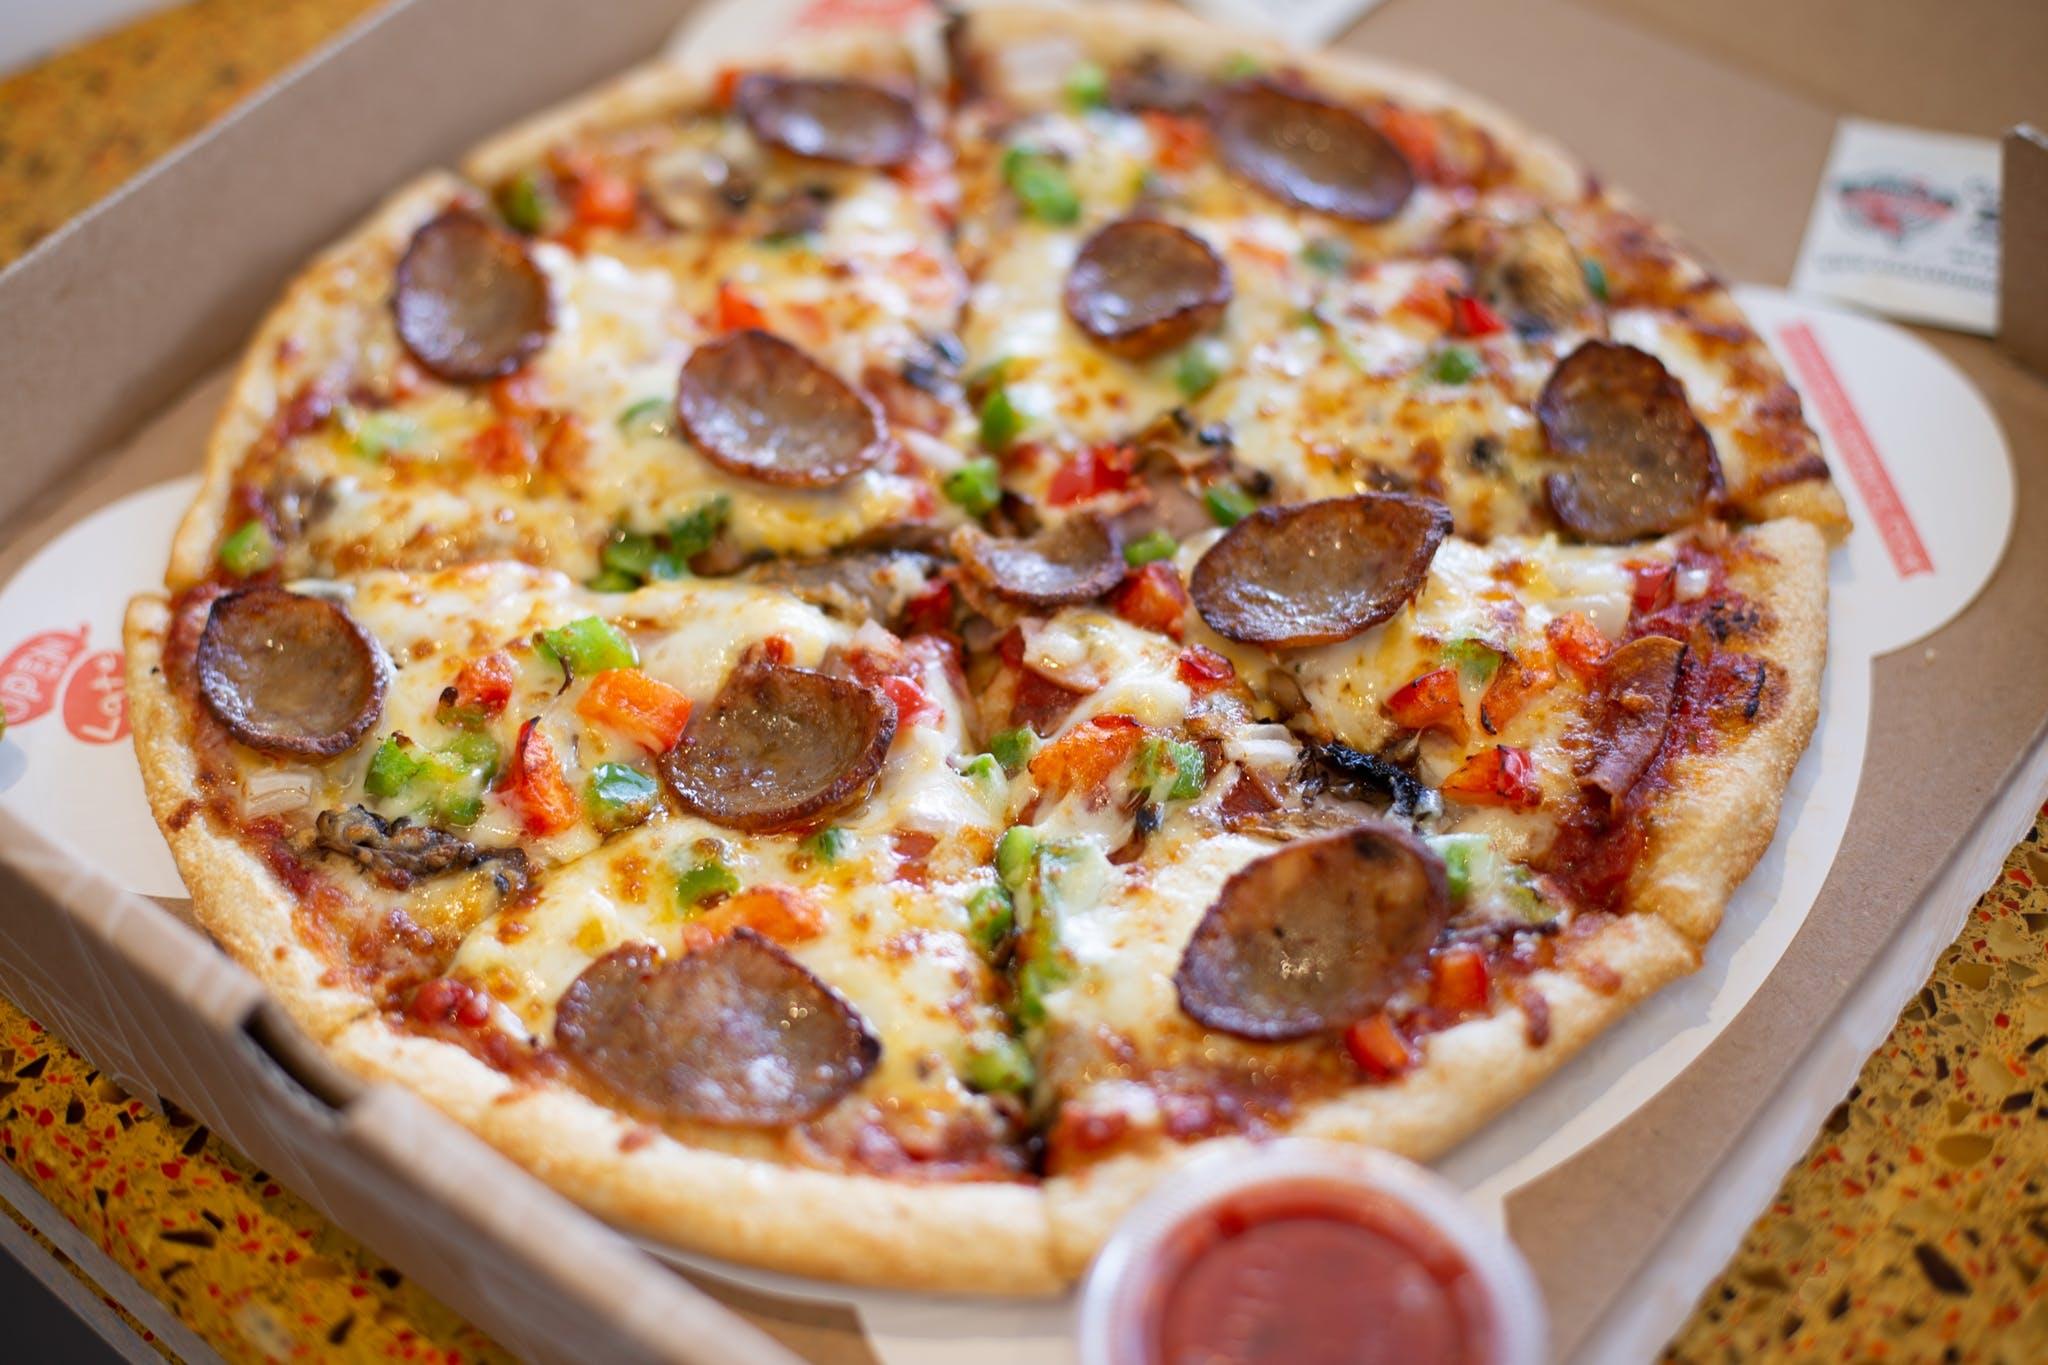 Classico Italiano Pizza from Sarpino's Pizzeria - Washington Ave. in Minneapolis, MN